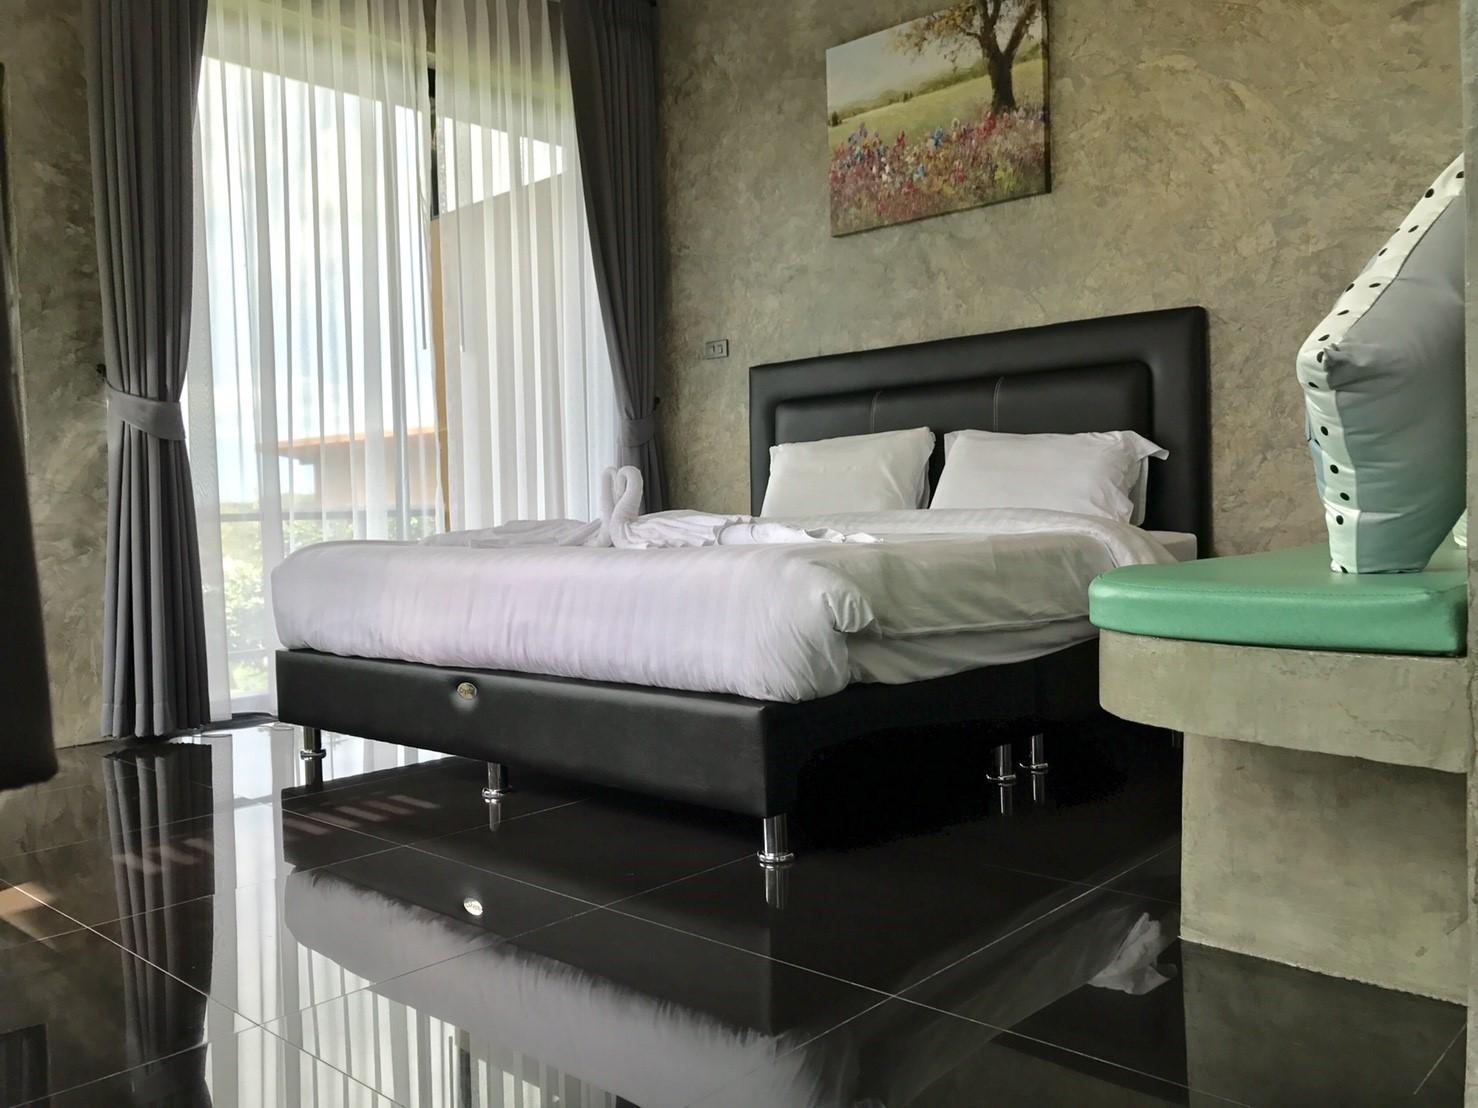 Phuwadee Resort Khaoyai Reviews